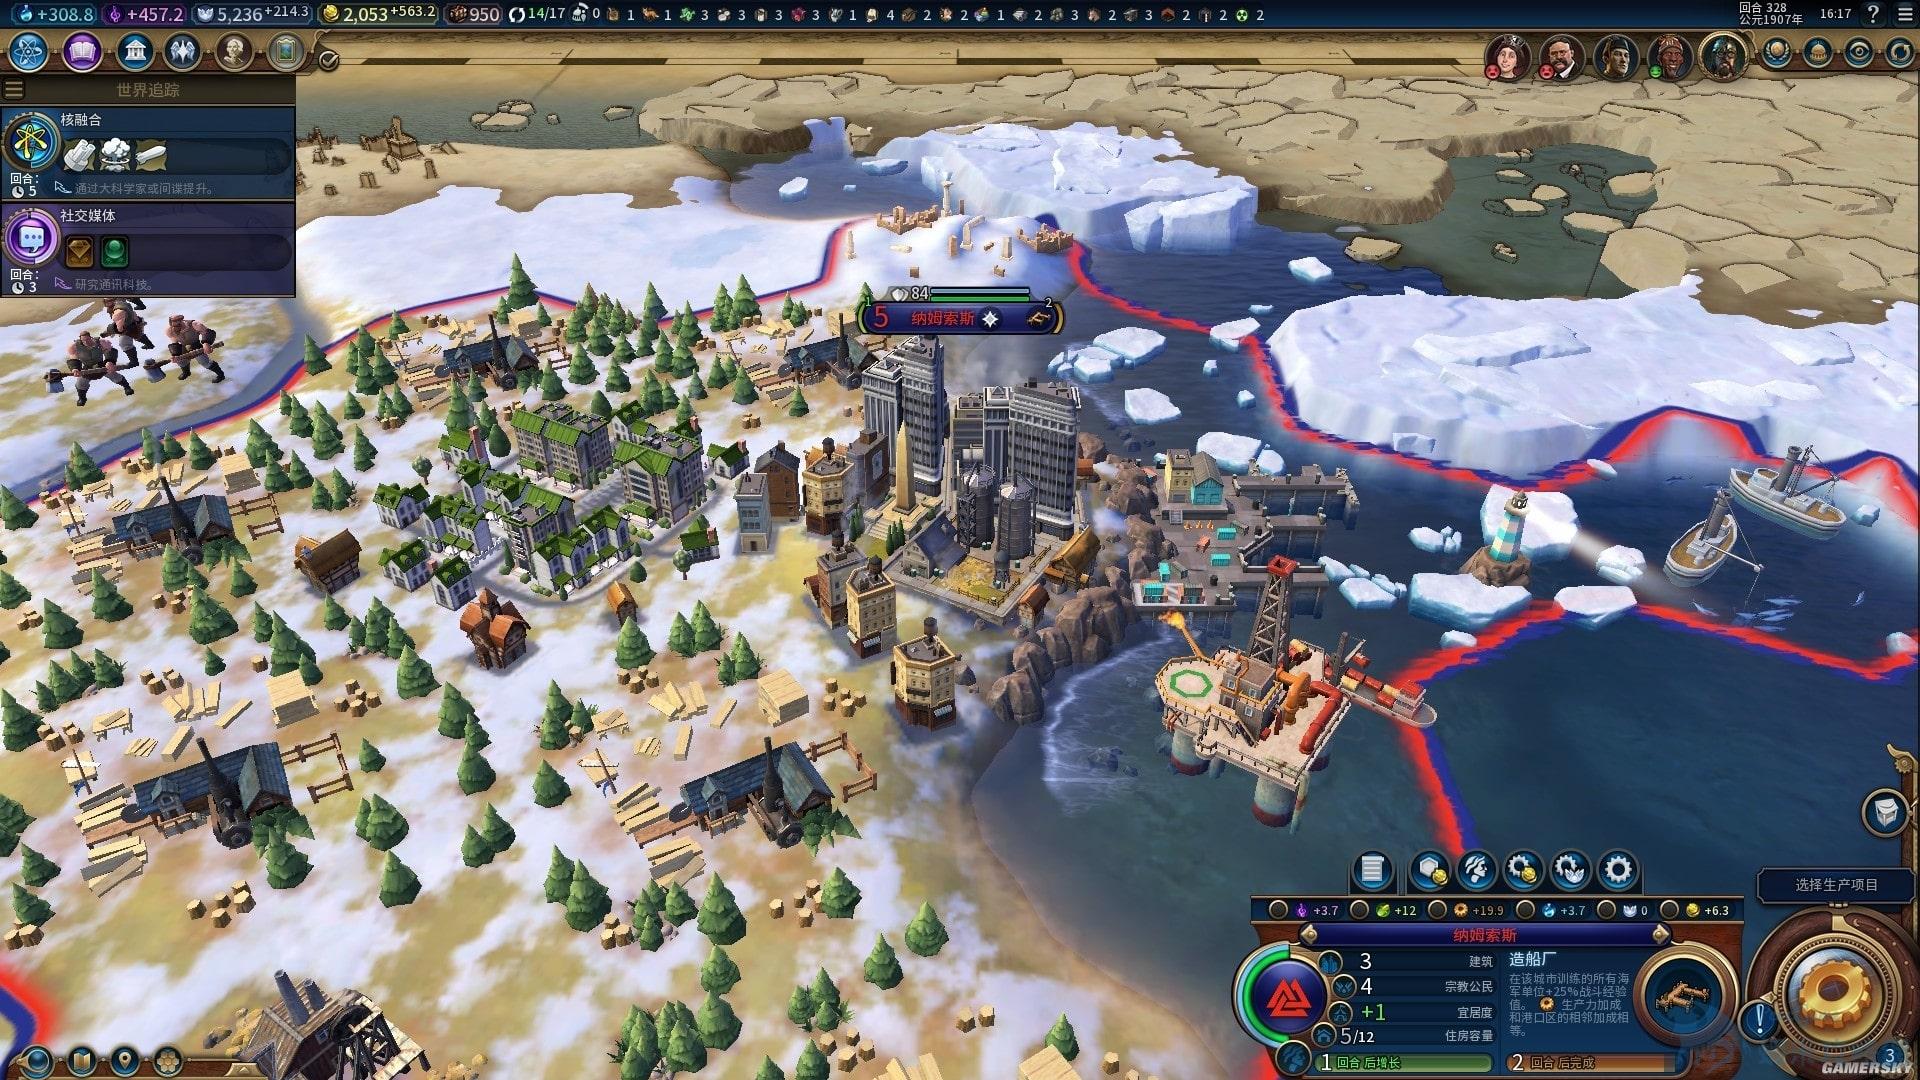 文明帝國 6 最高特效畫面對比與設定圖解 文明帝國 6畫面怎麼樣